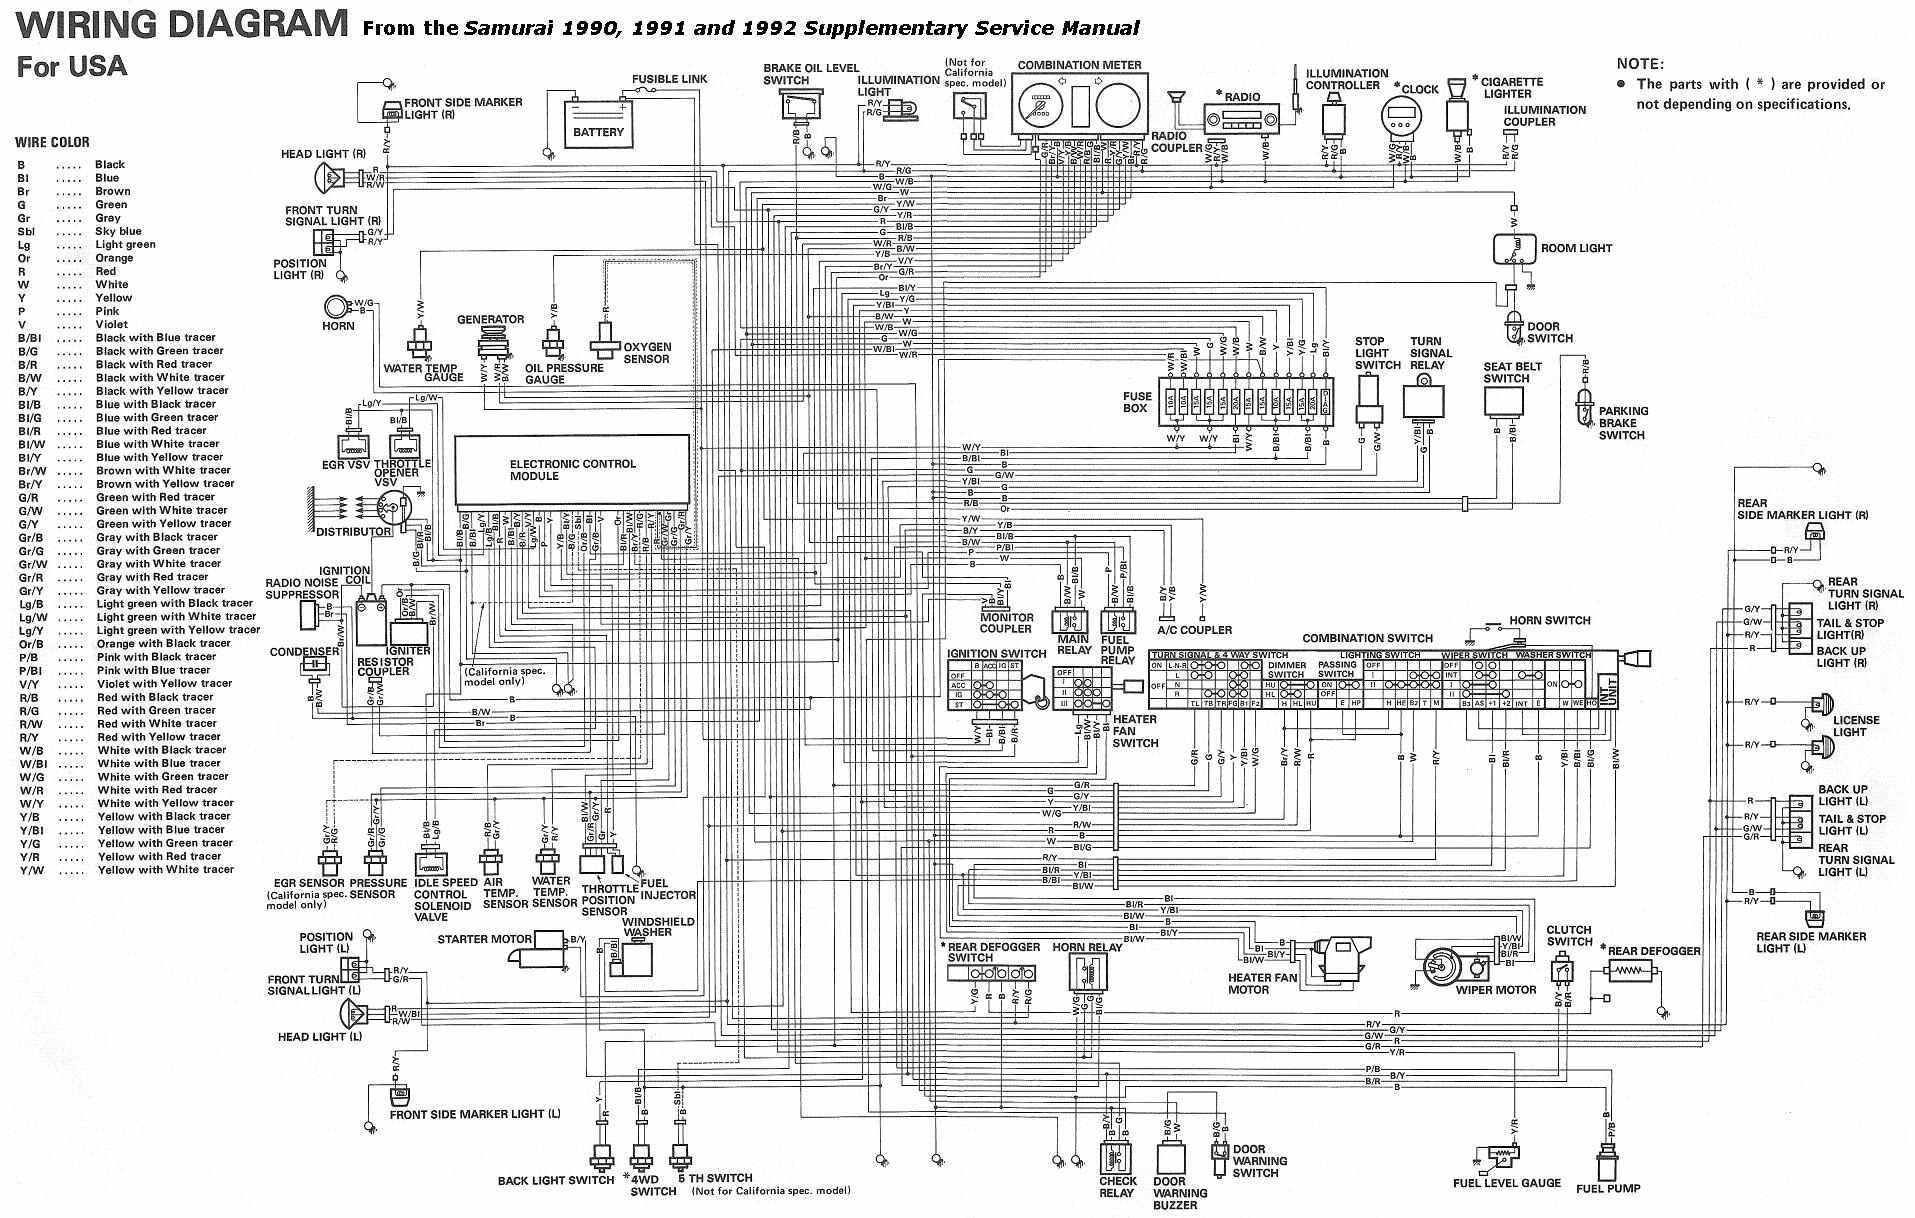 wrg 1757] chrysler lebaron wiring diagrams chrysler ignition wiring diagram chrysler lebaron wiring diagrams #8